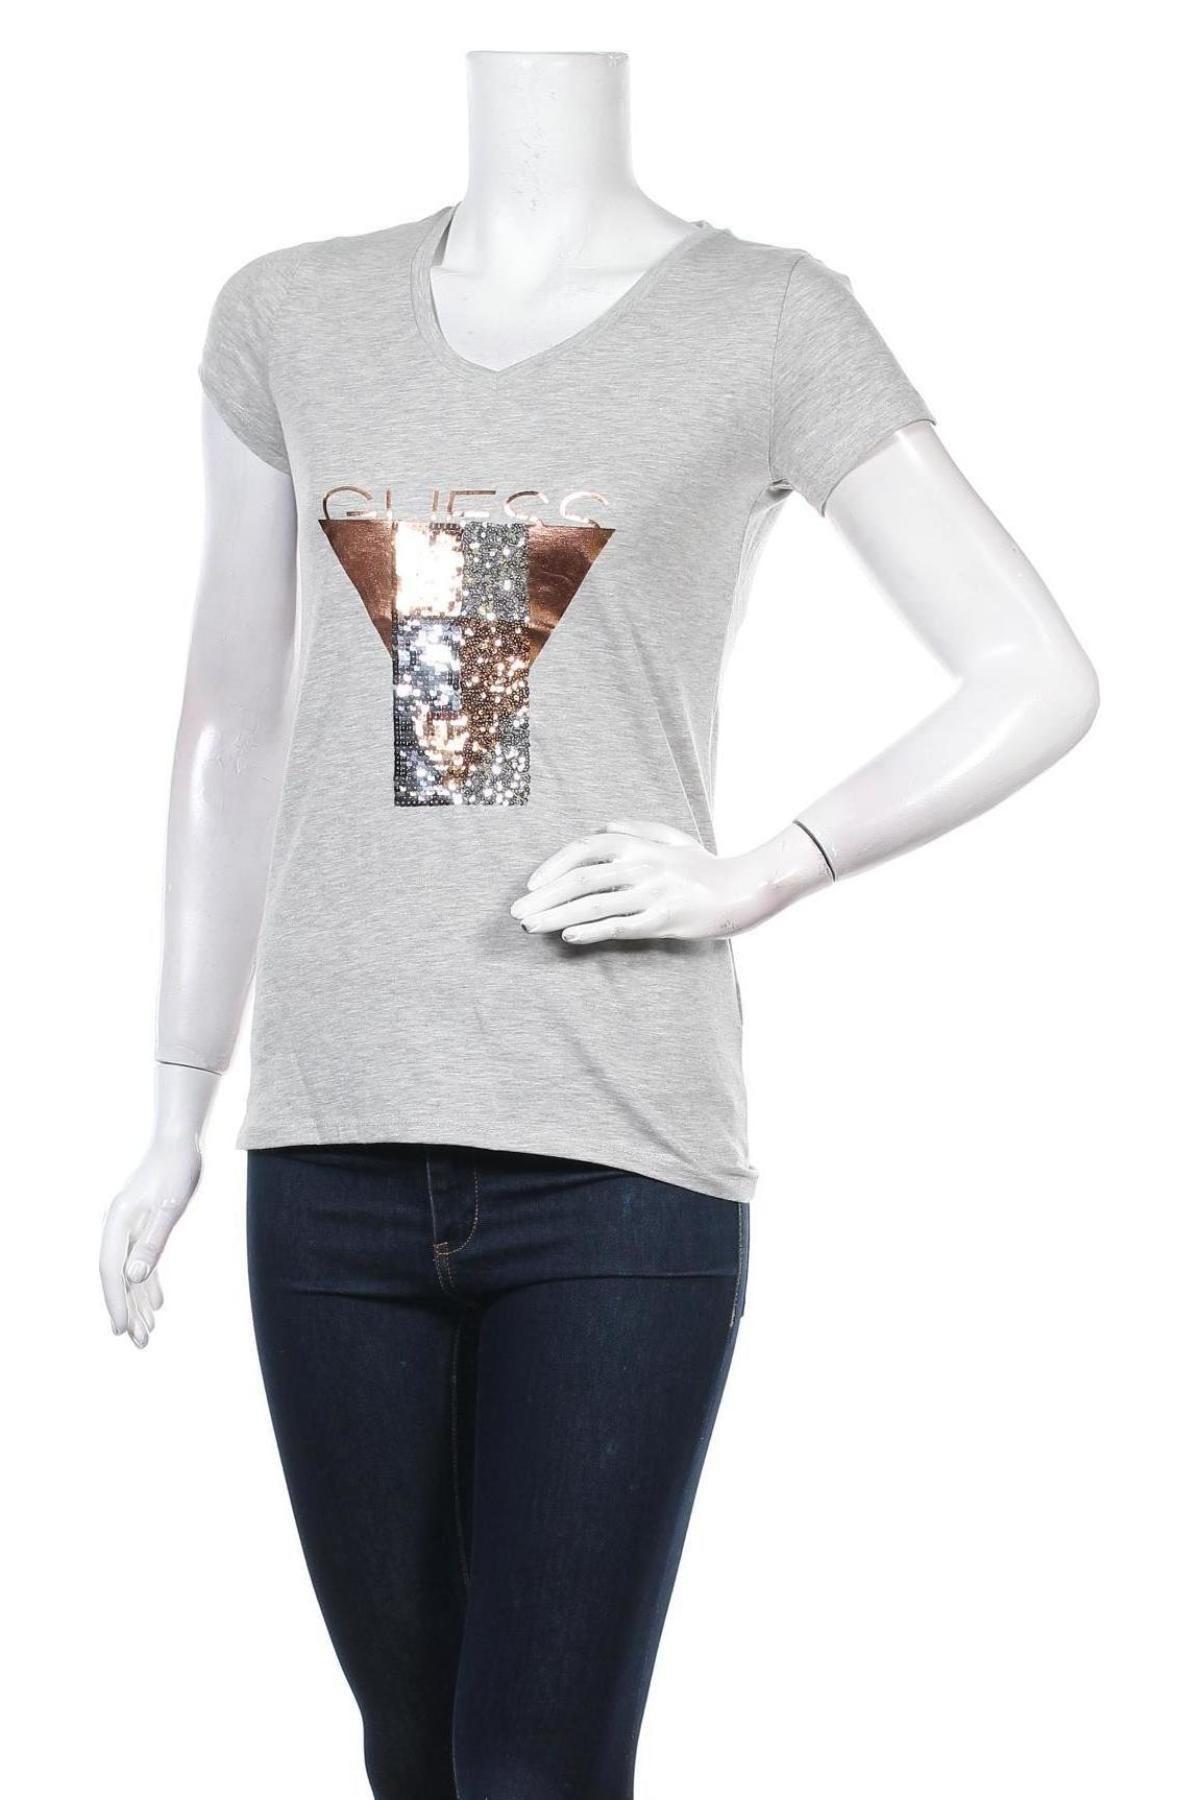 Дамска тениска Guess, Размер M, Цвят Сив, 95% памук, 5% еластан, Цена 50,70лв.